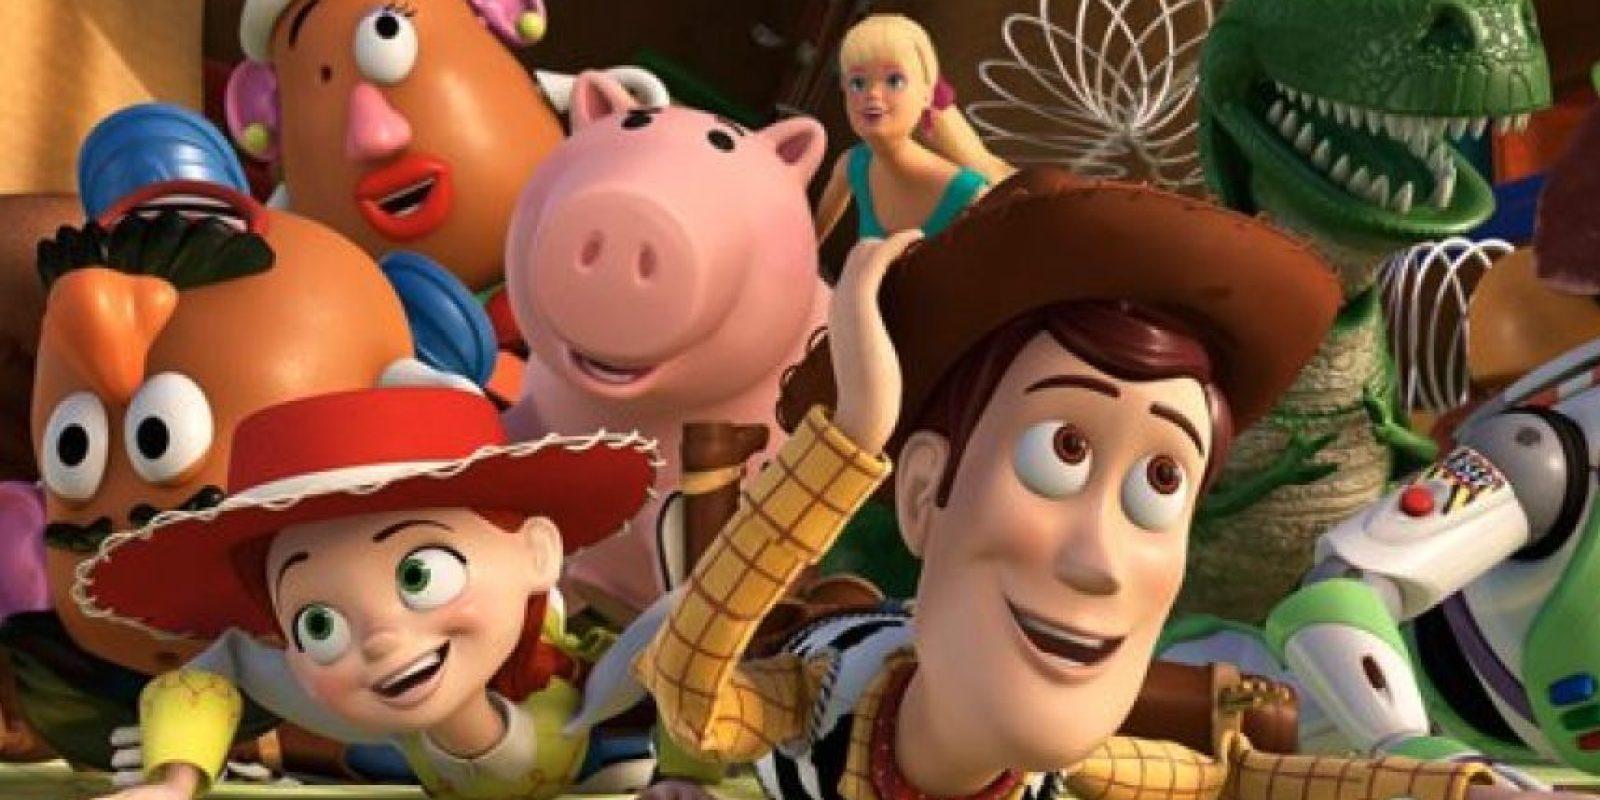 Toy Story pasó a ser la cinta más taquillera en su primer fin de semana de exhibición Foto:Facebook Toy Story